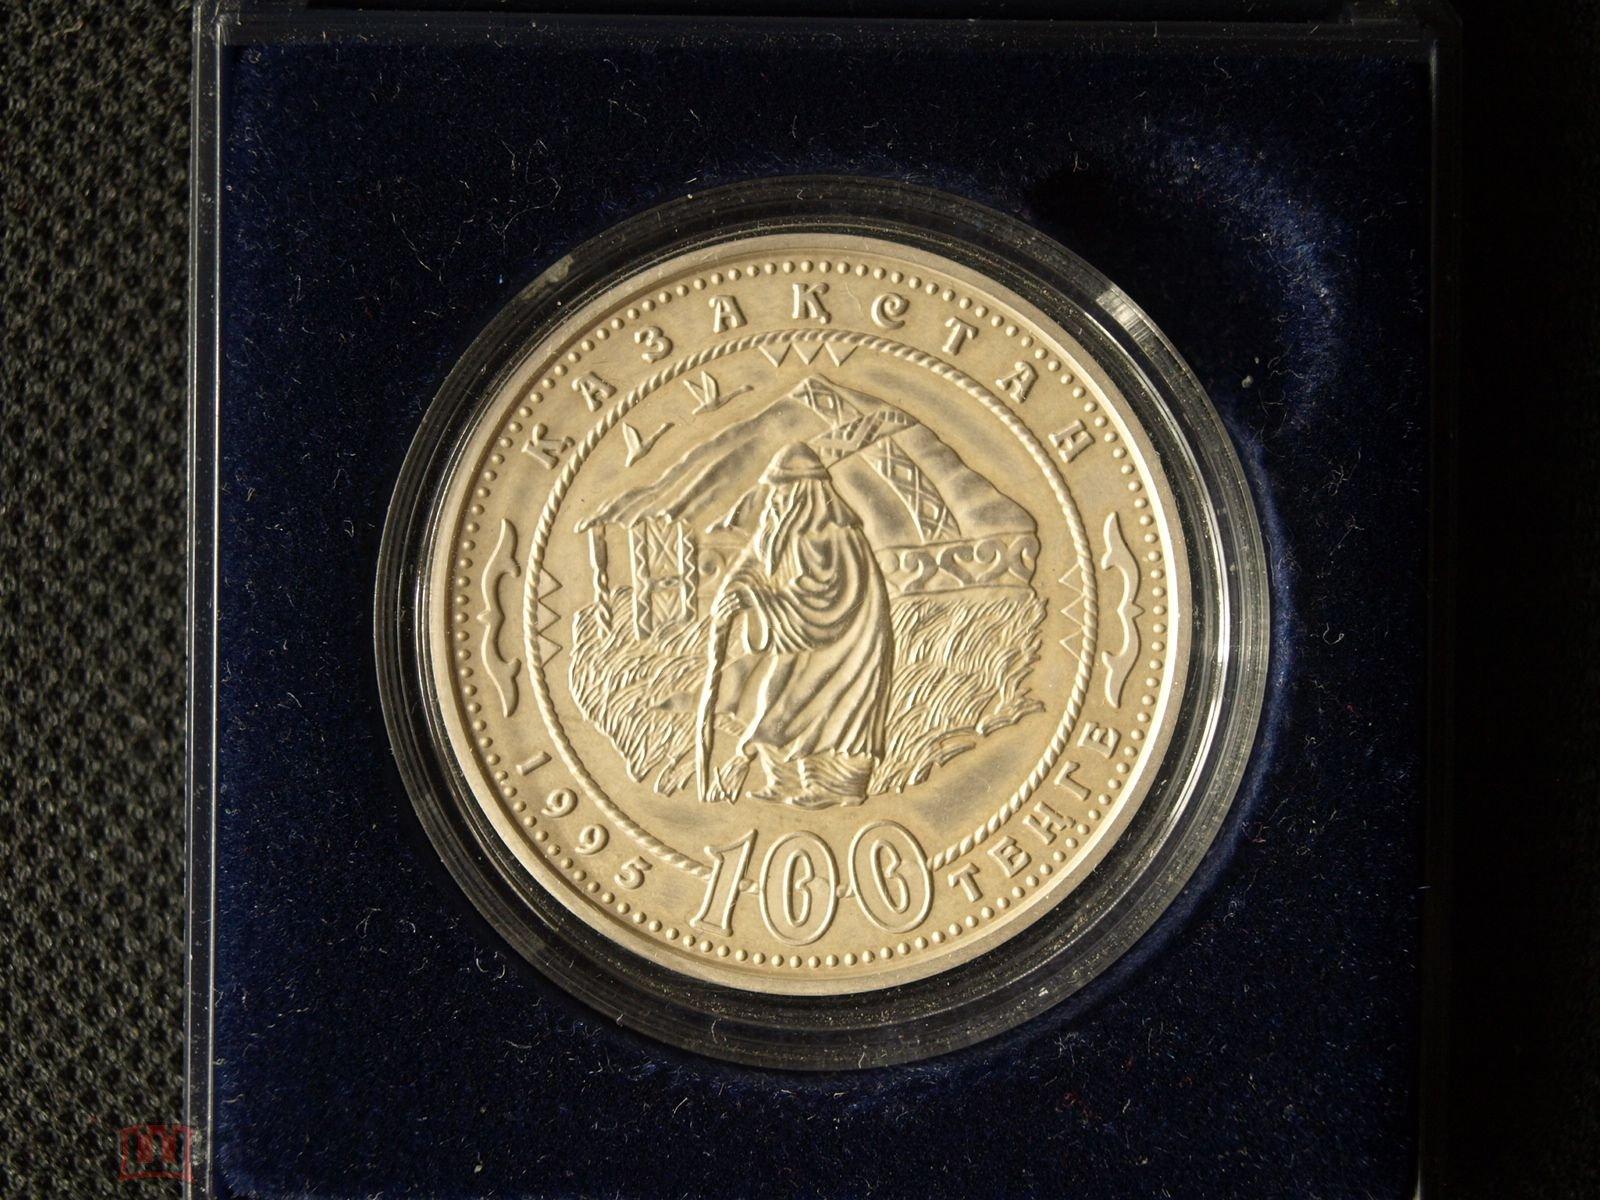 100 тенге 1995 года абай кочевье сколько стоит монета 5 копiйок украина 2012